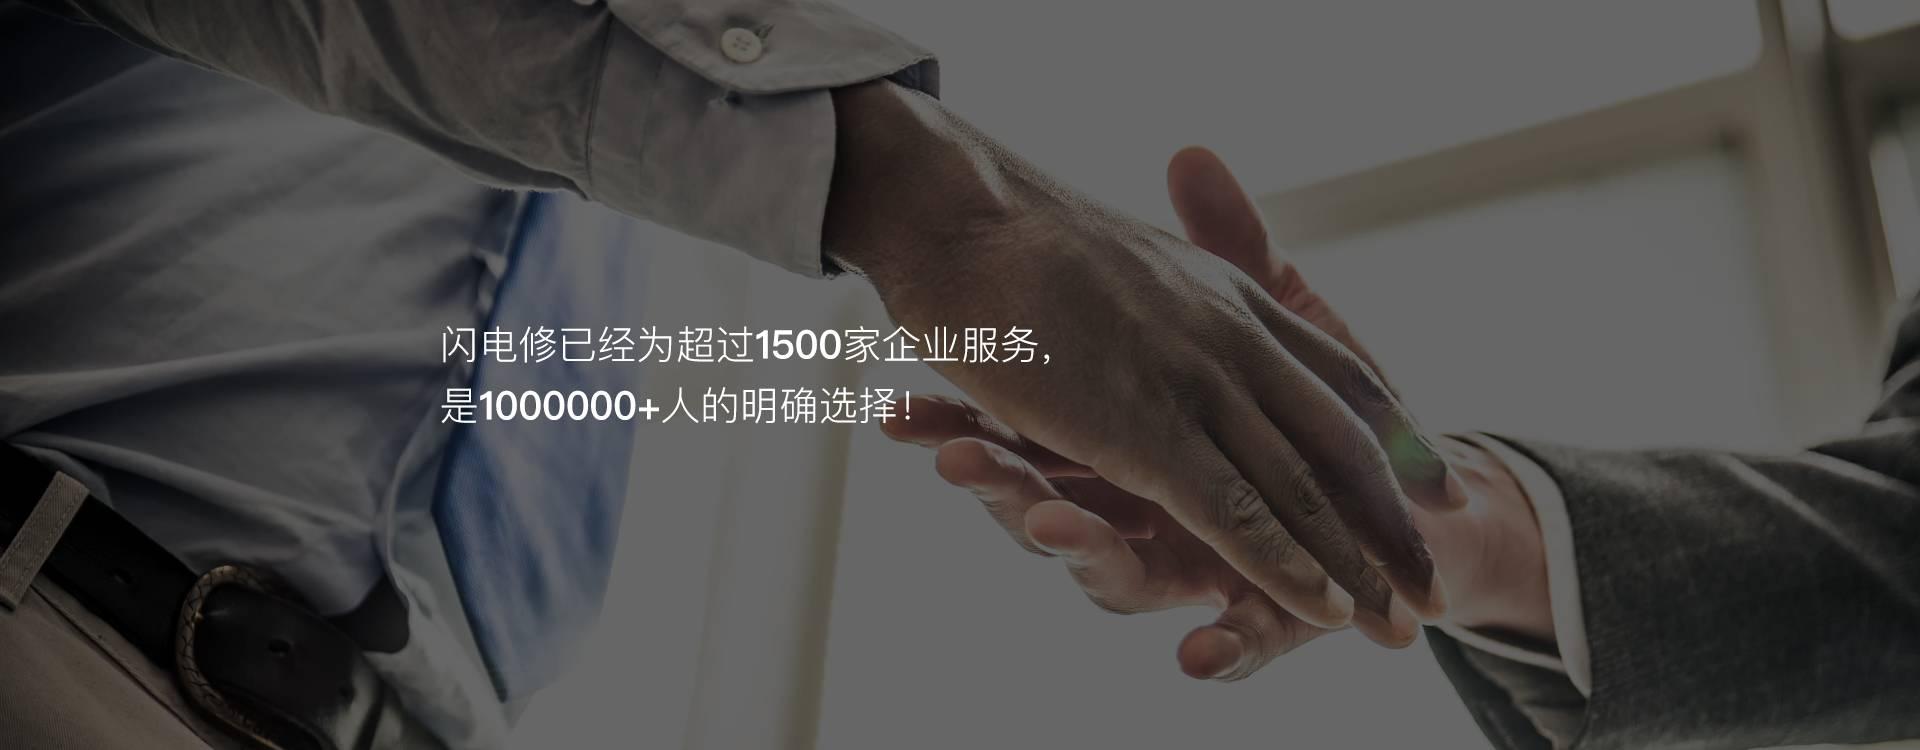 闪电修已经为超过1500家企业服务,是100000+人明确选择!